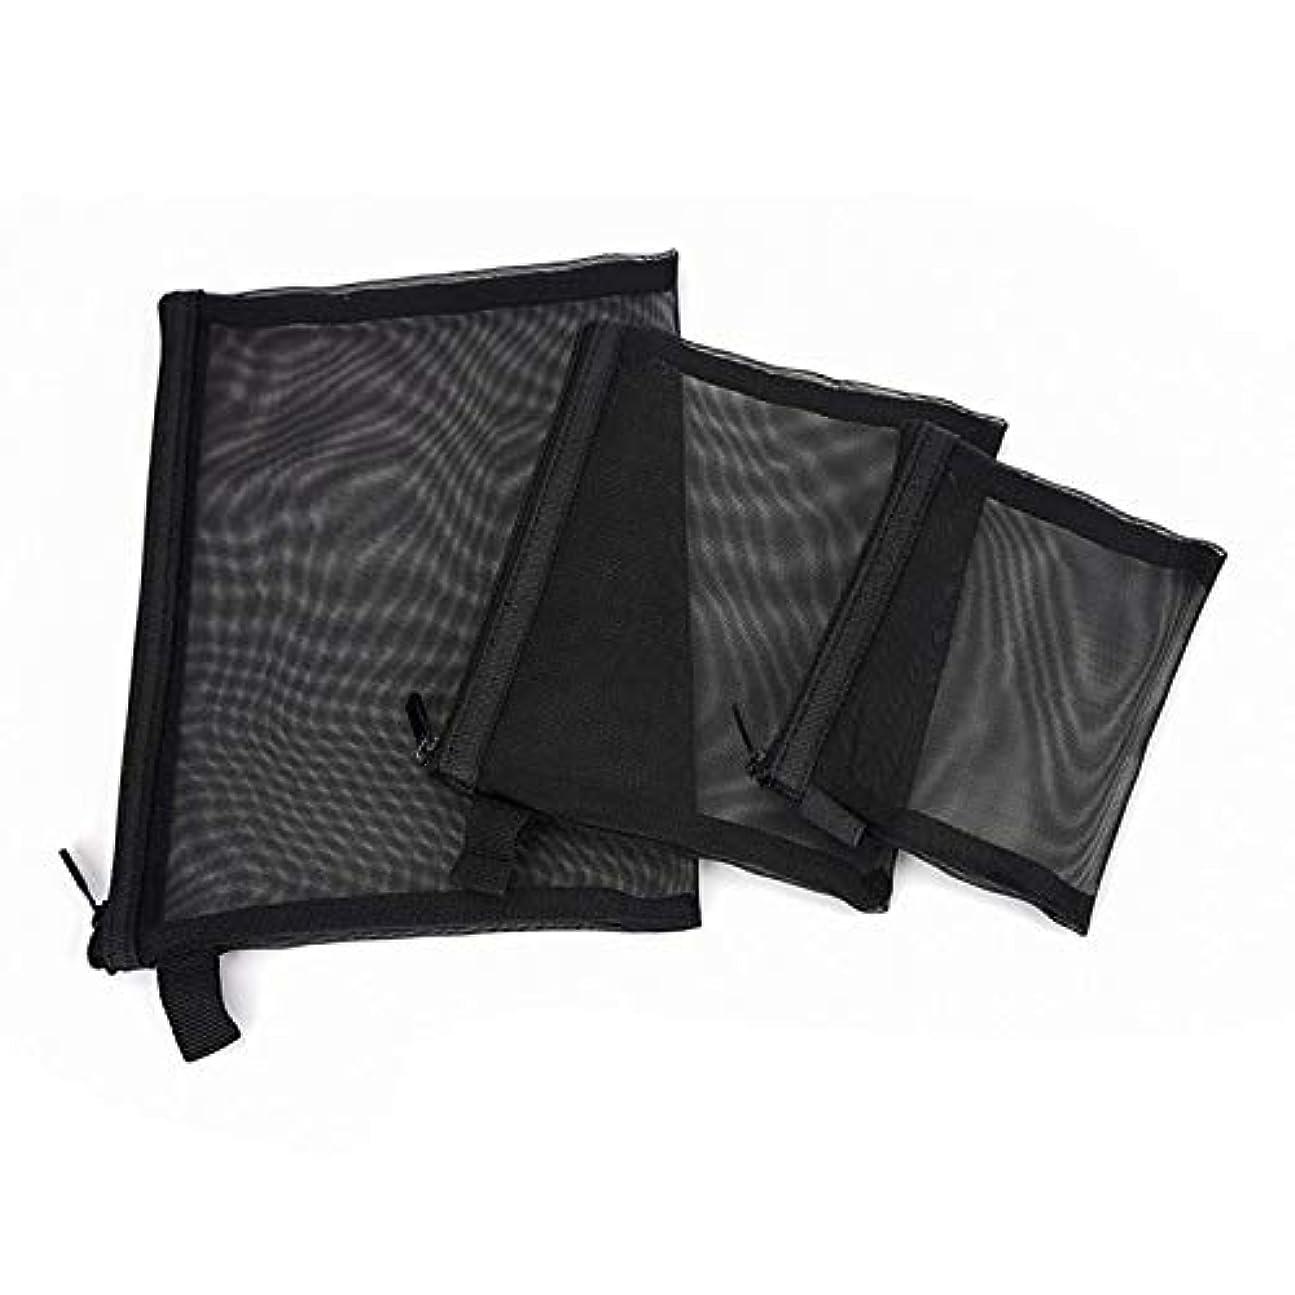 小数ファイバ漏斗RETYLY トラベルトイレタリーキットセット収納ポーチビューティーメイクアップコスメアクセサリーオーガナイザー3個組(S/M/L)ブラック